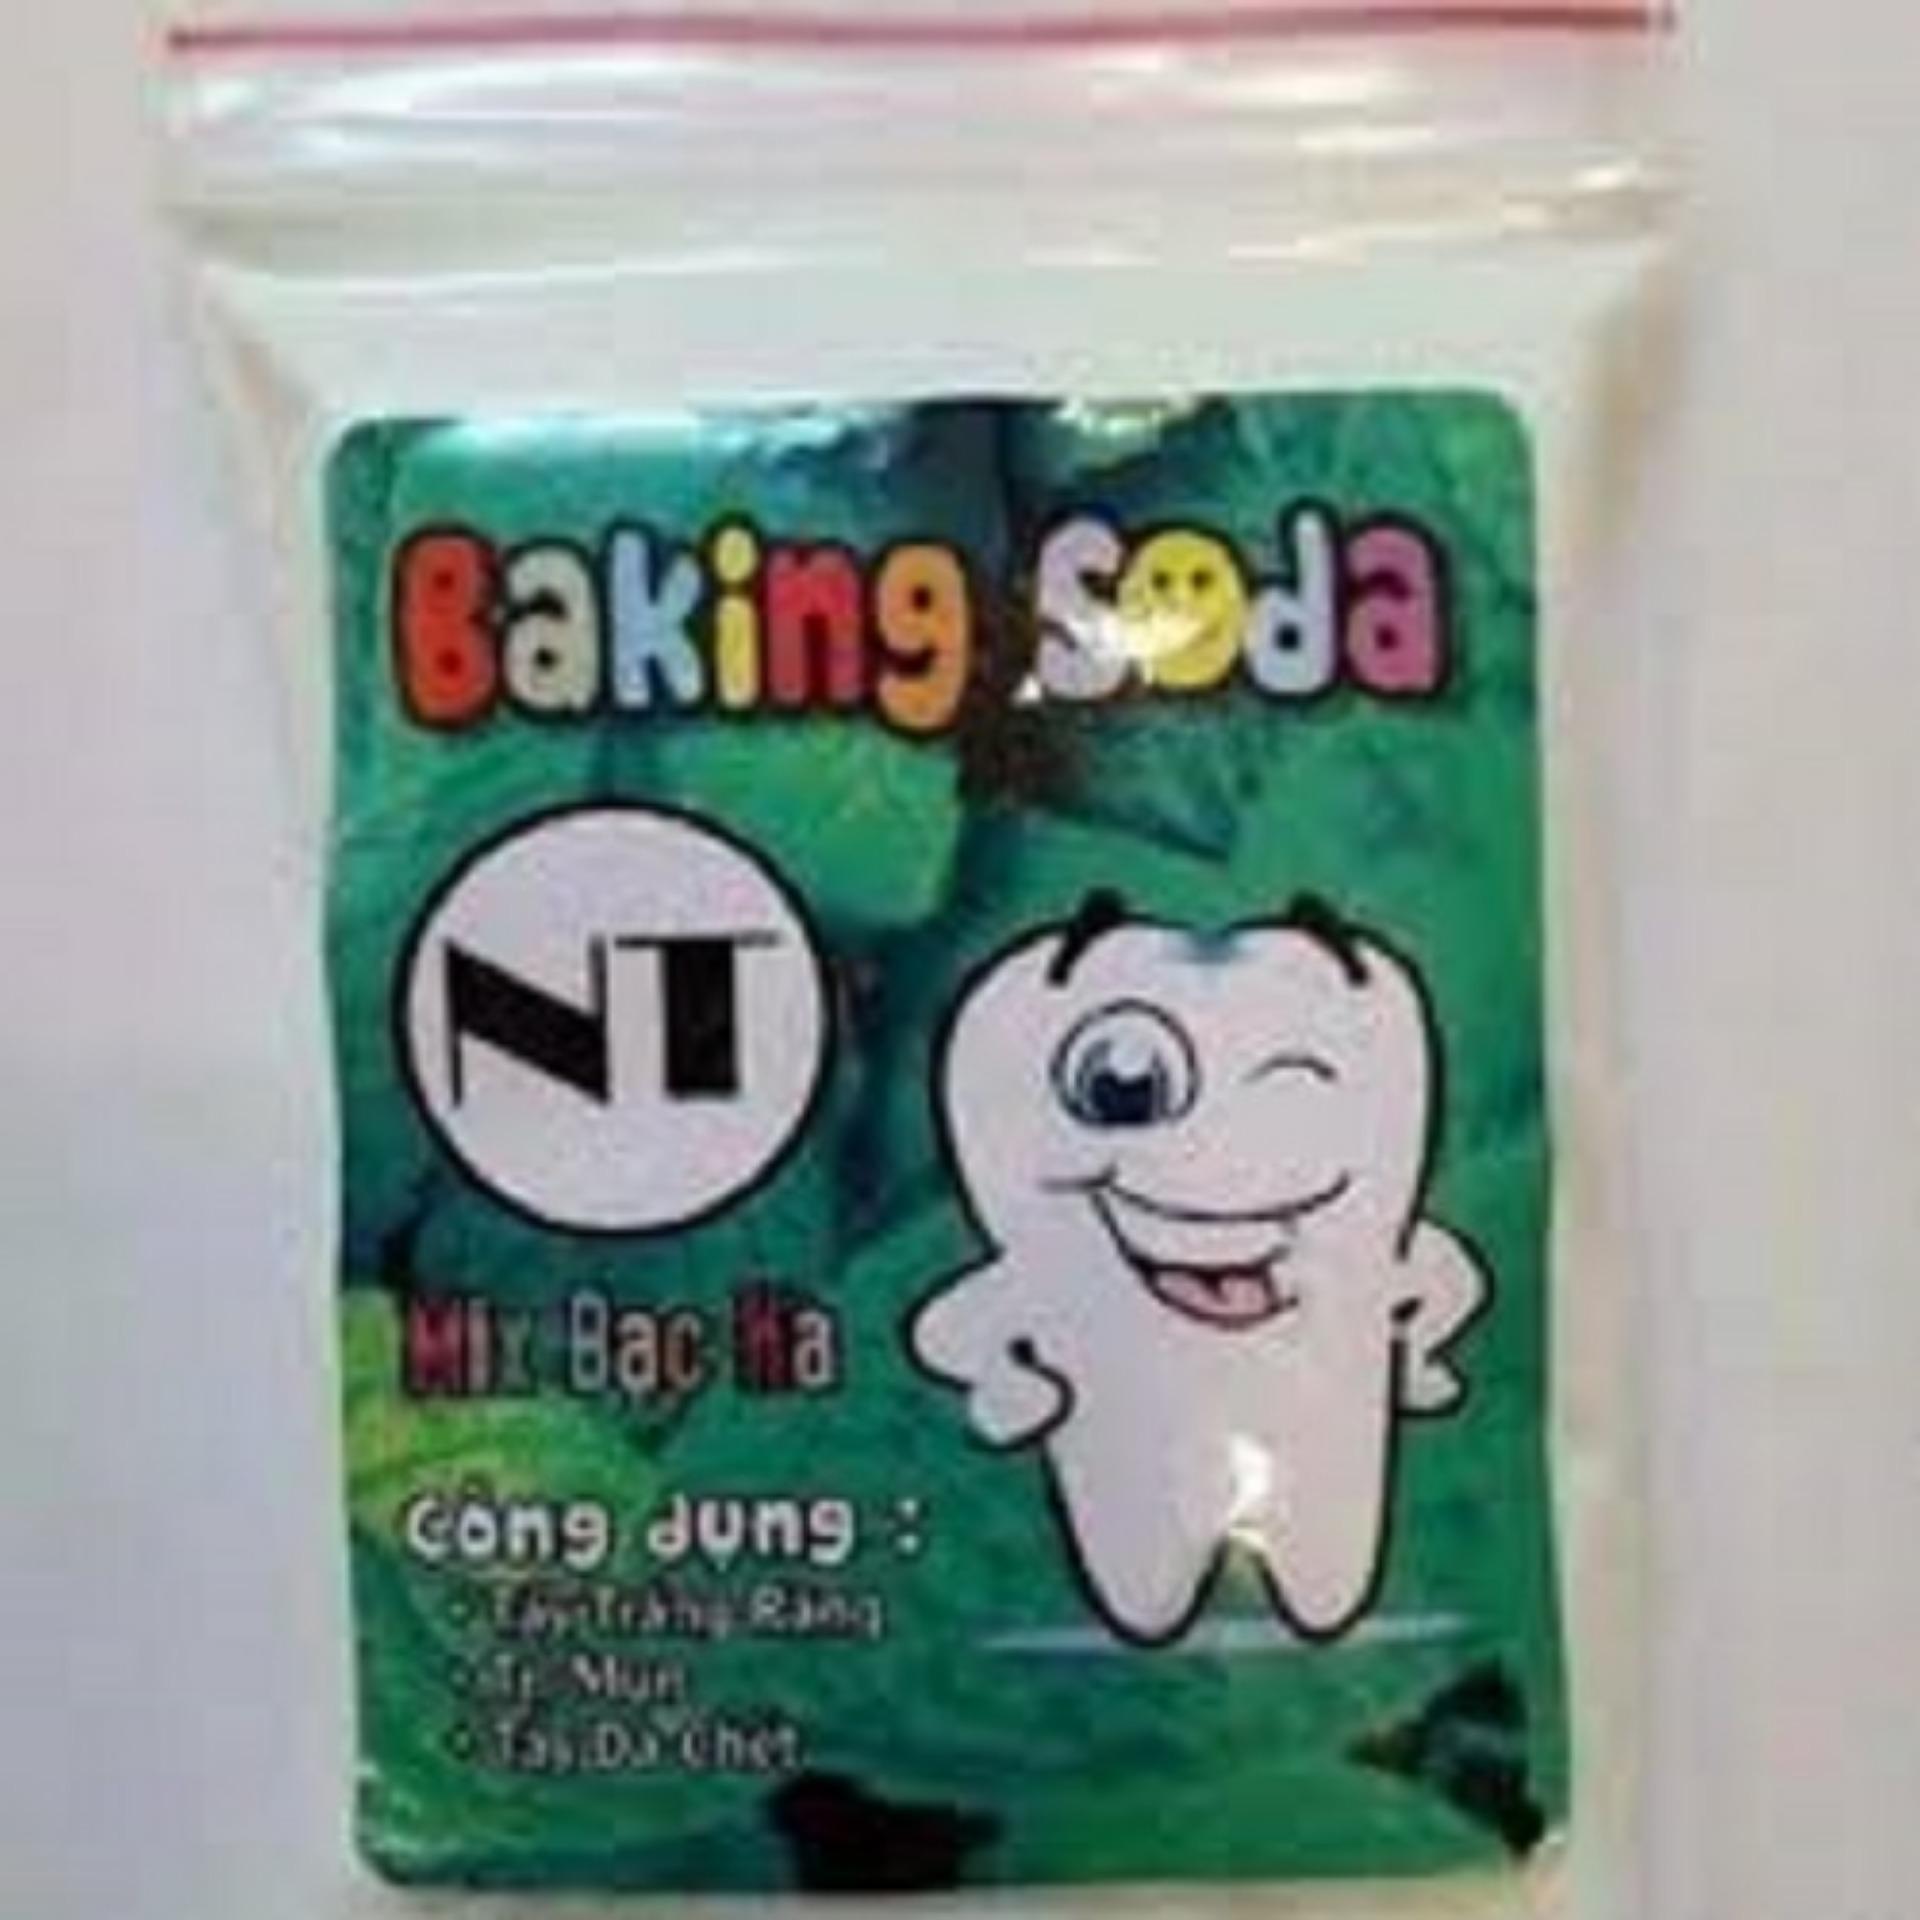 Làm trắng răng nhanh với banking soda Nt 50g nhập khẩu